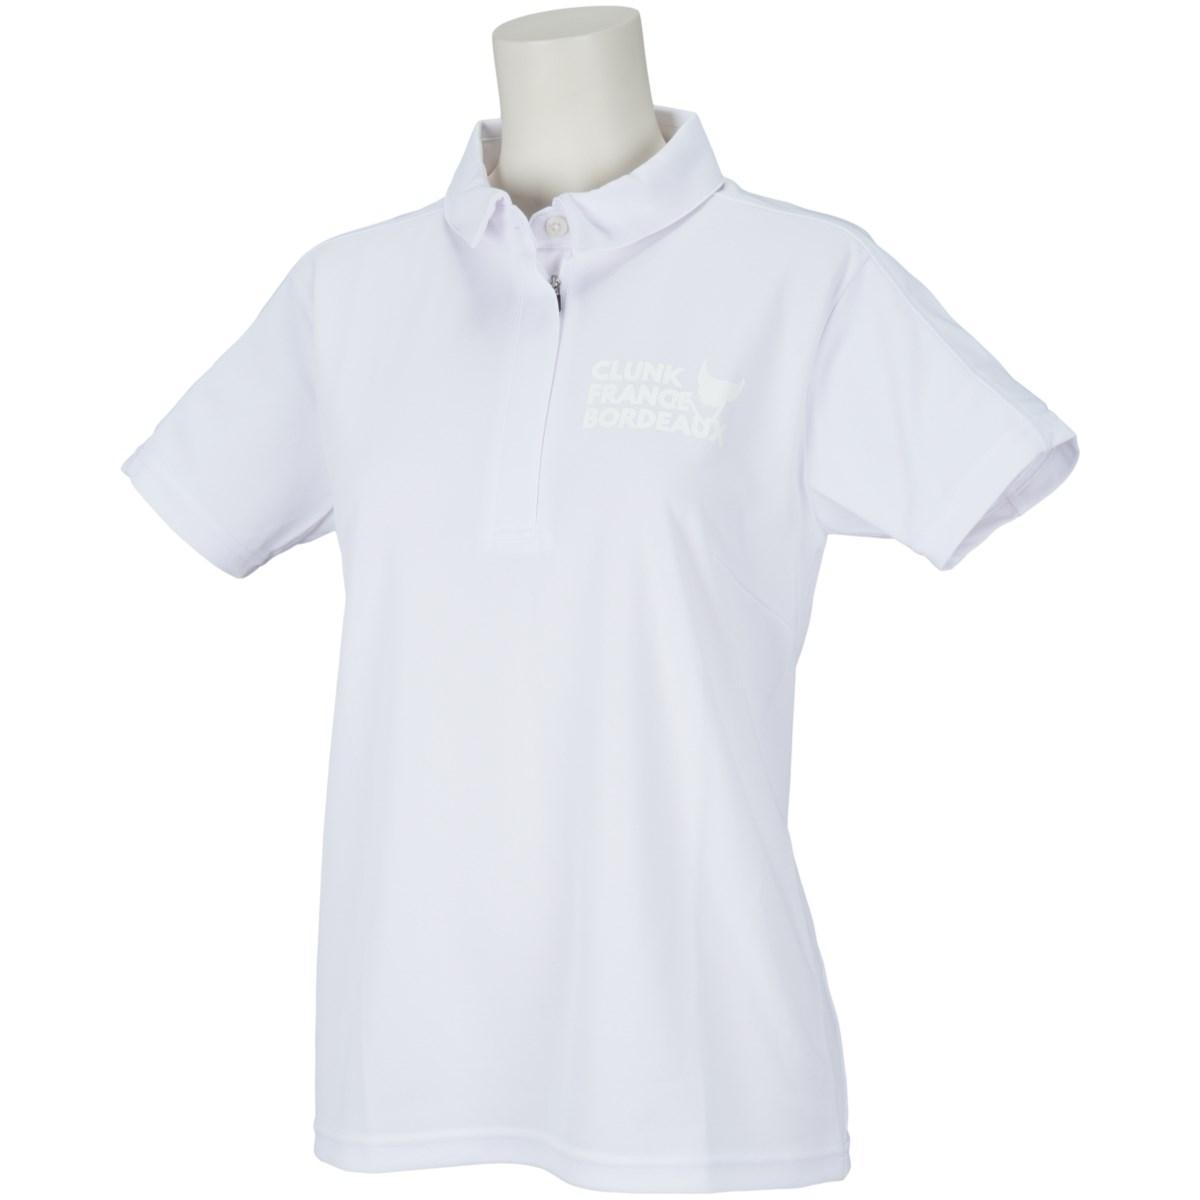 クランク Clunk 半袖ポロシャツ S ホワイト 010 レディス